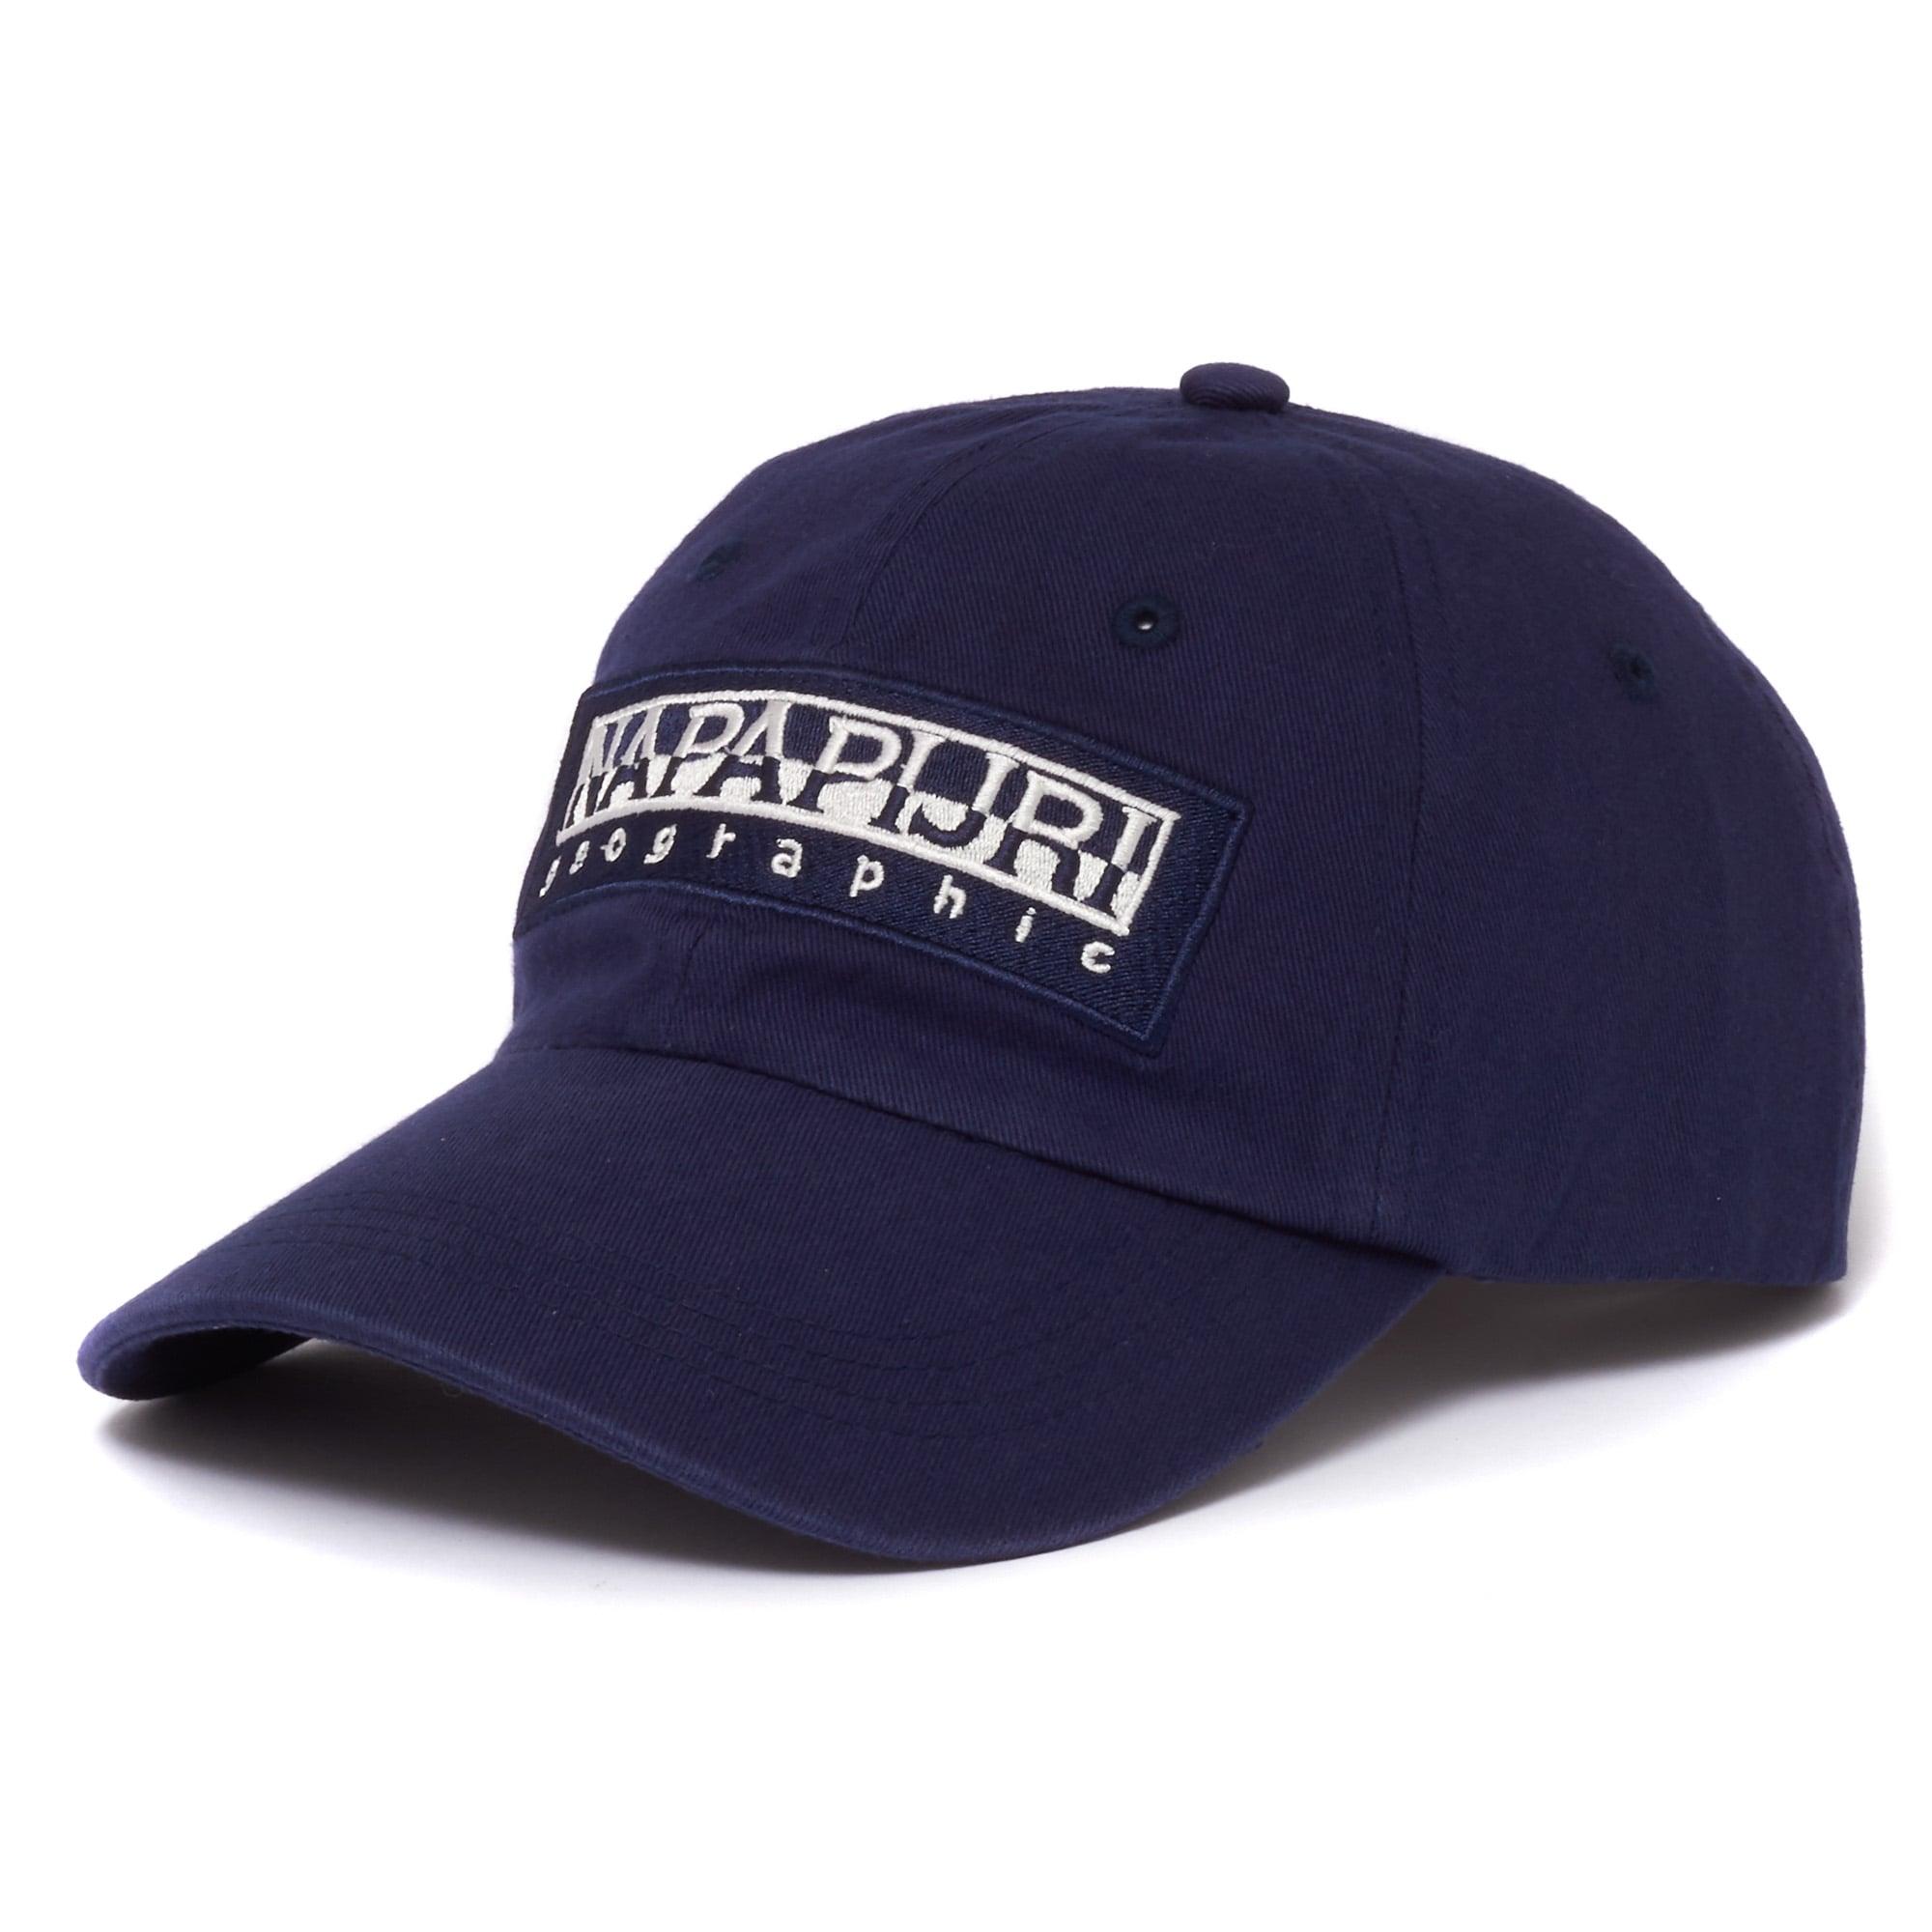 7d43b054f Napapijri Flon Cap